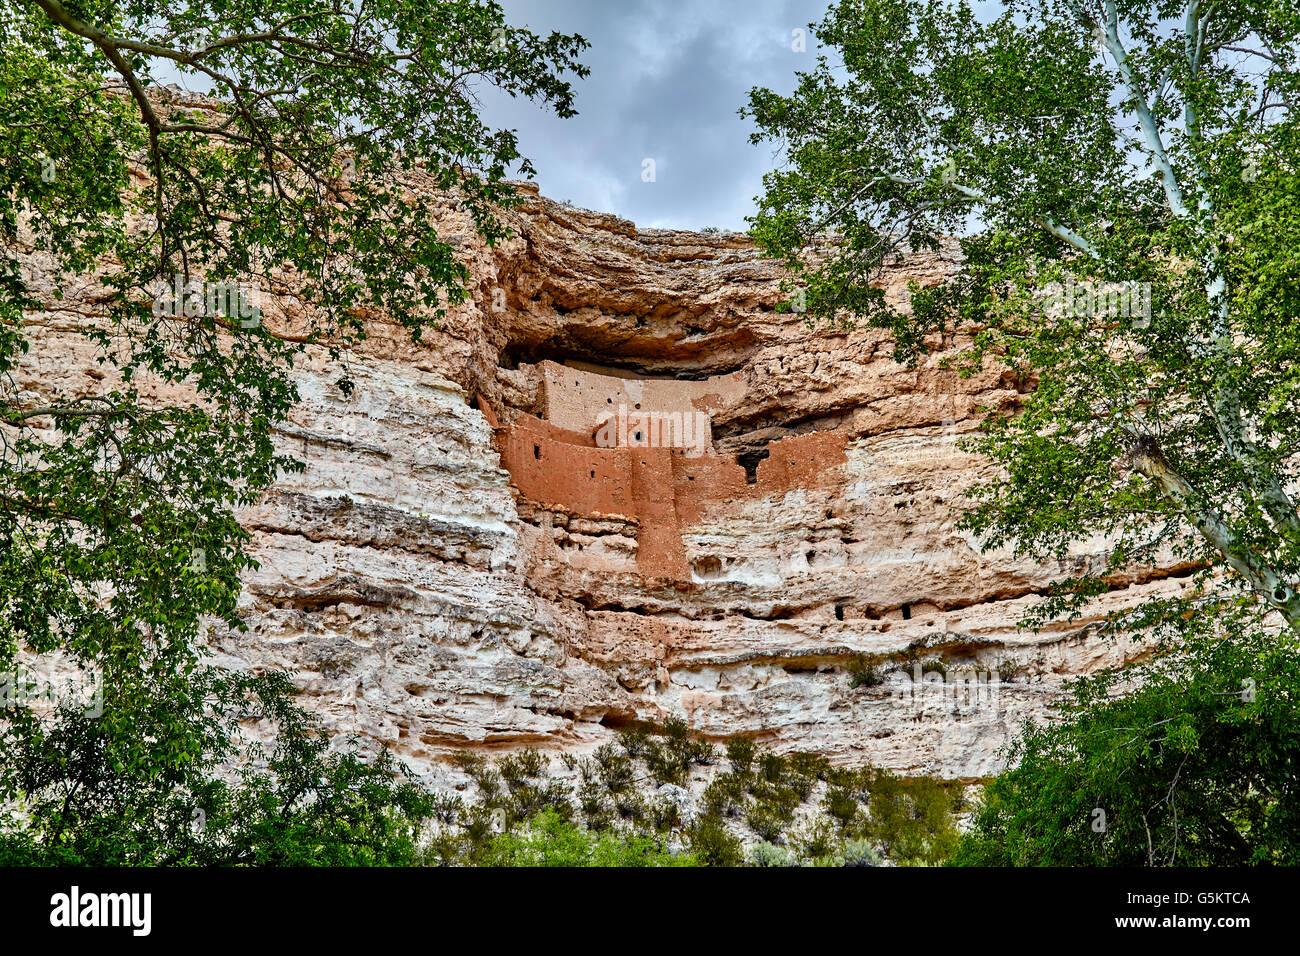 alte gut erhaltene indianischen klippe wohnung in berg aus stein